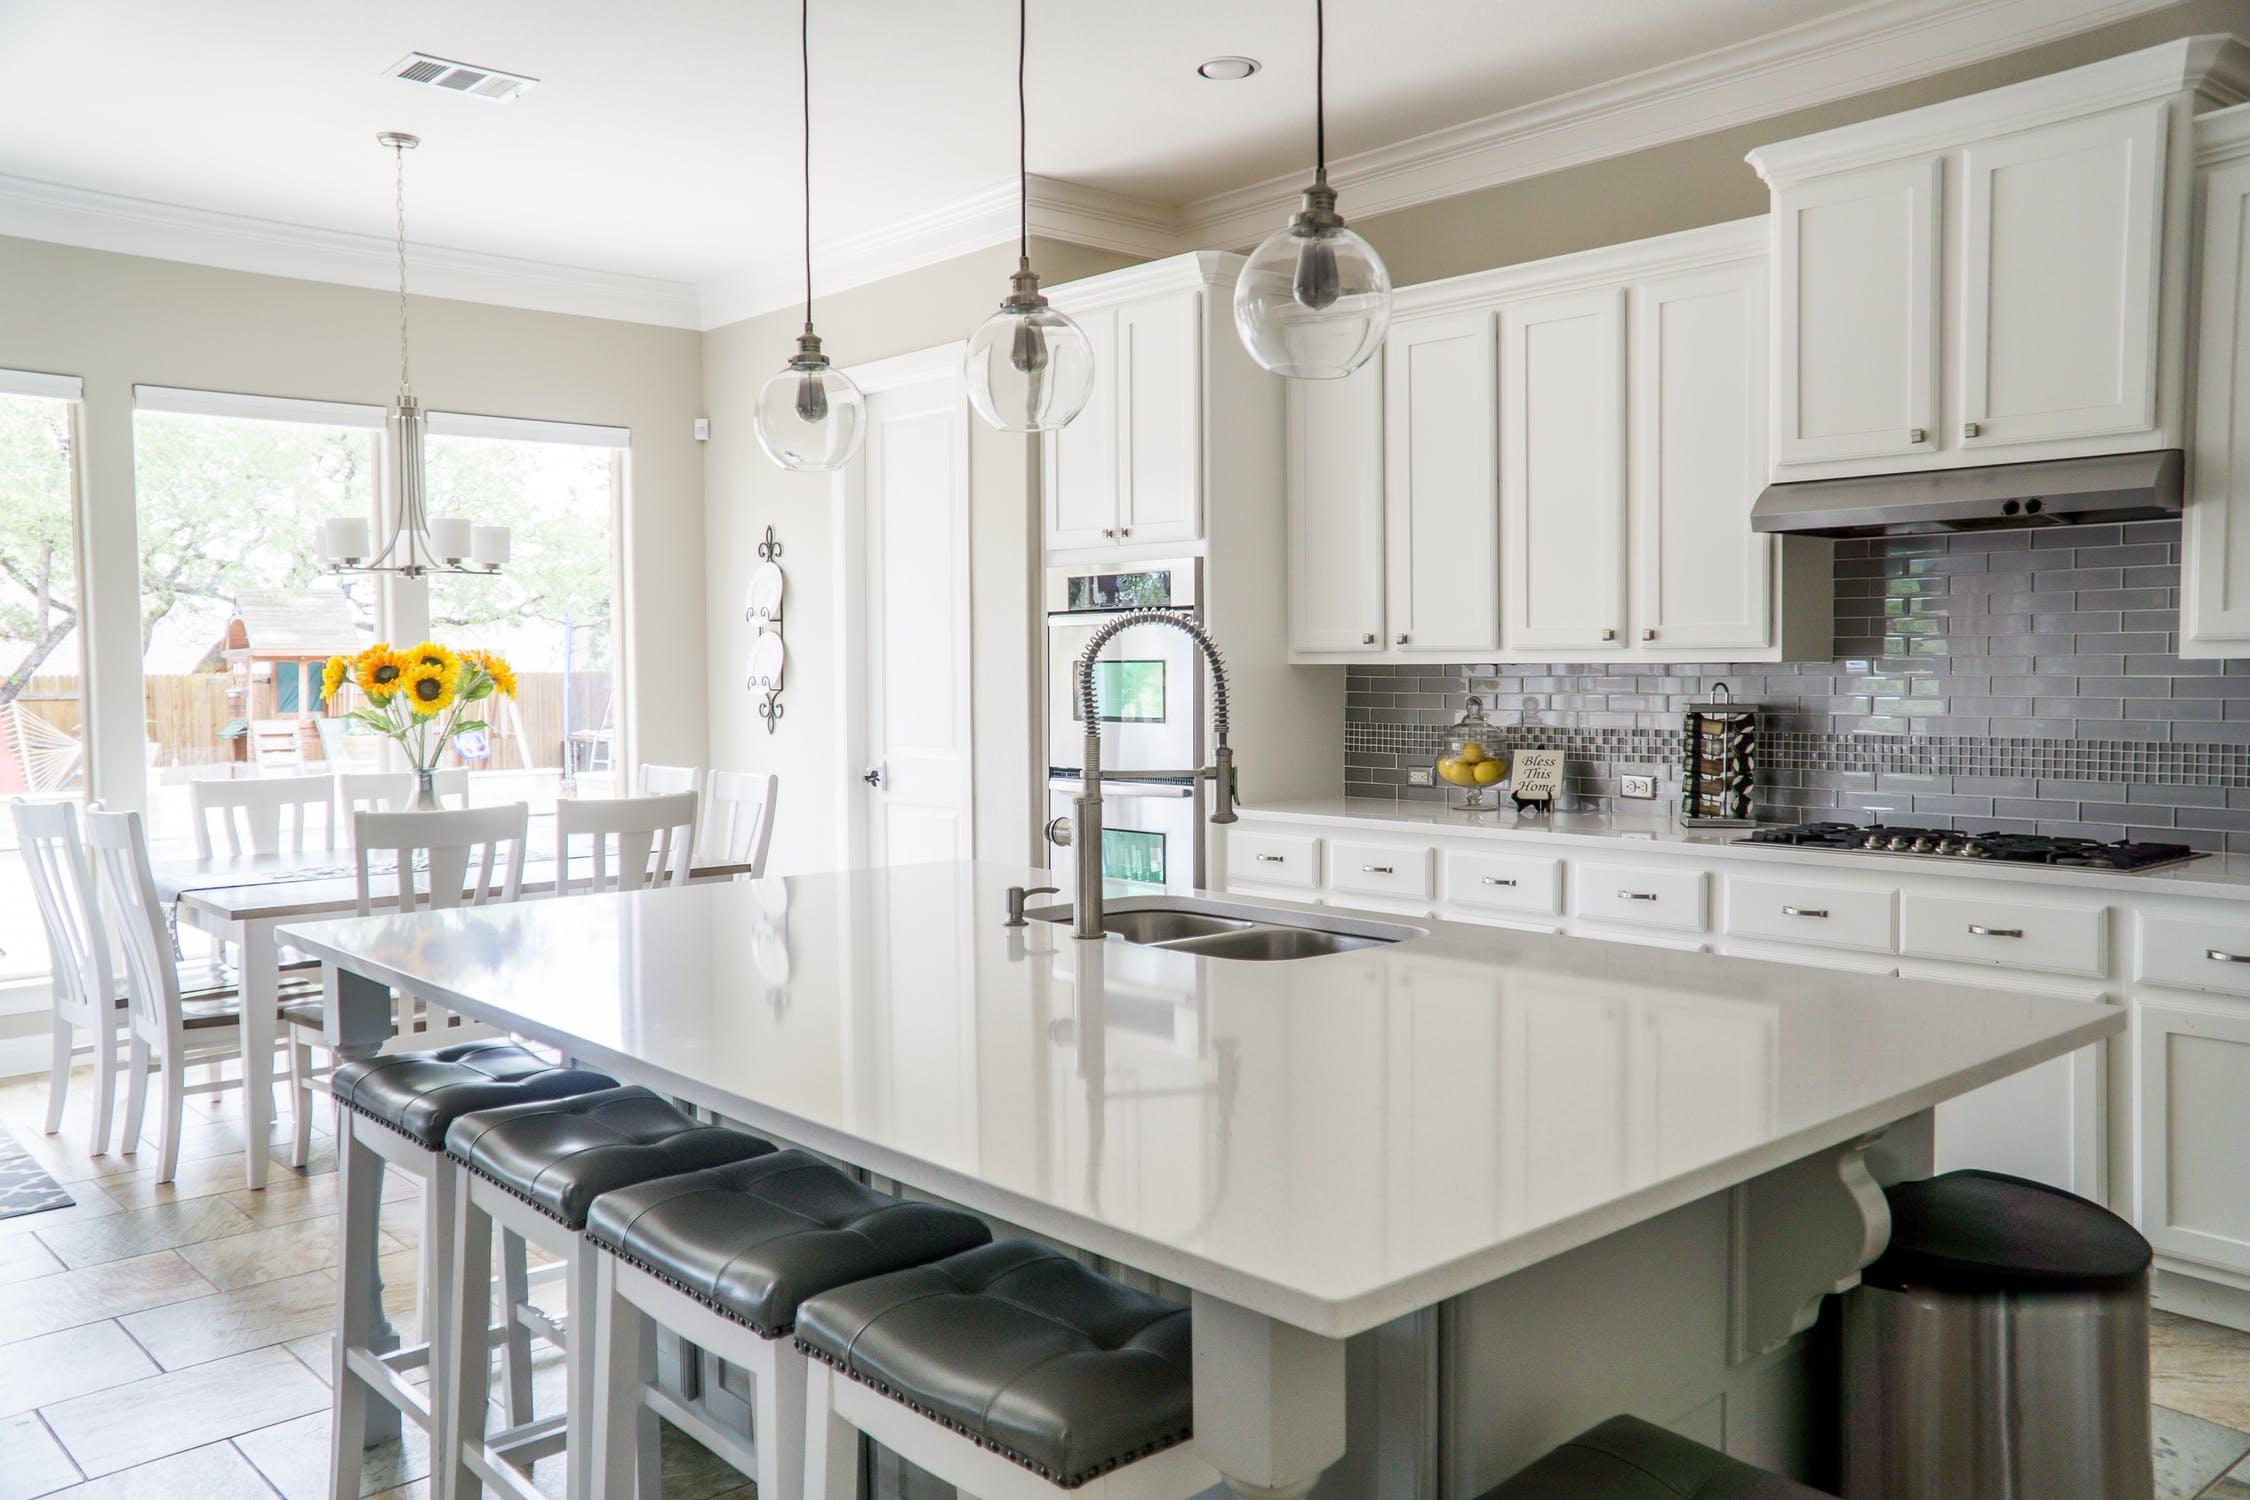 Tipy pro praktické zařízení kuchyně